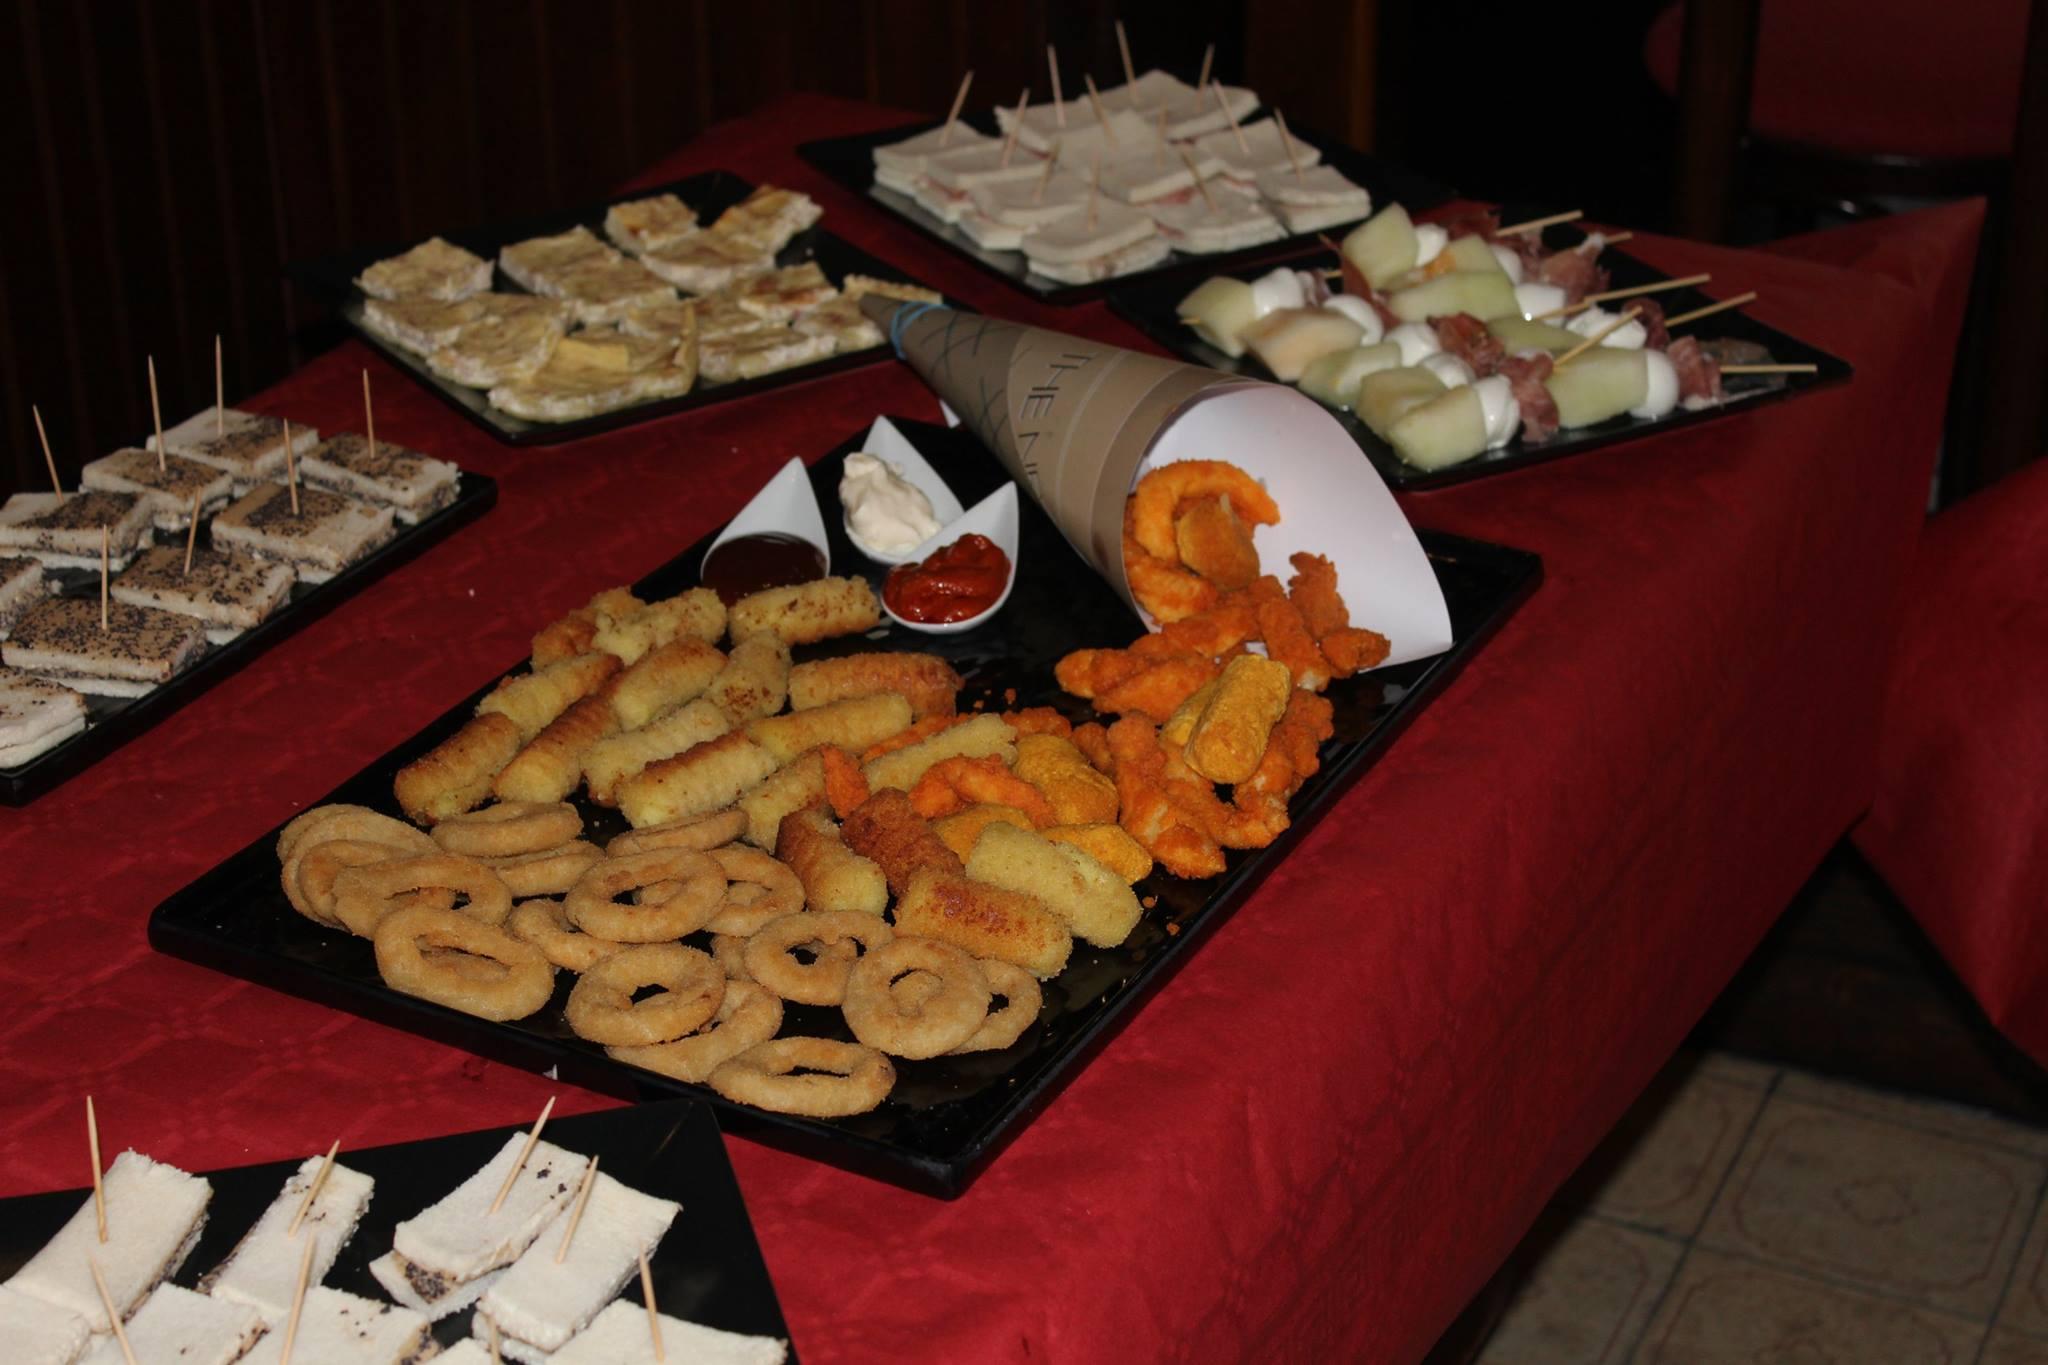 degli anelli fritti, crocchette e altro